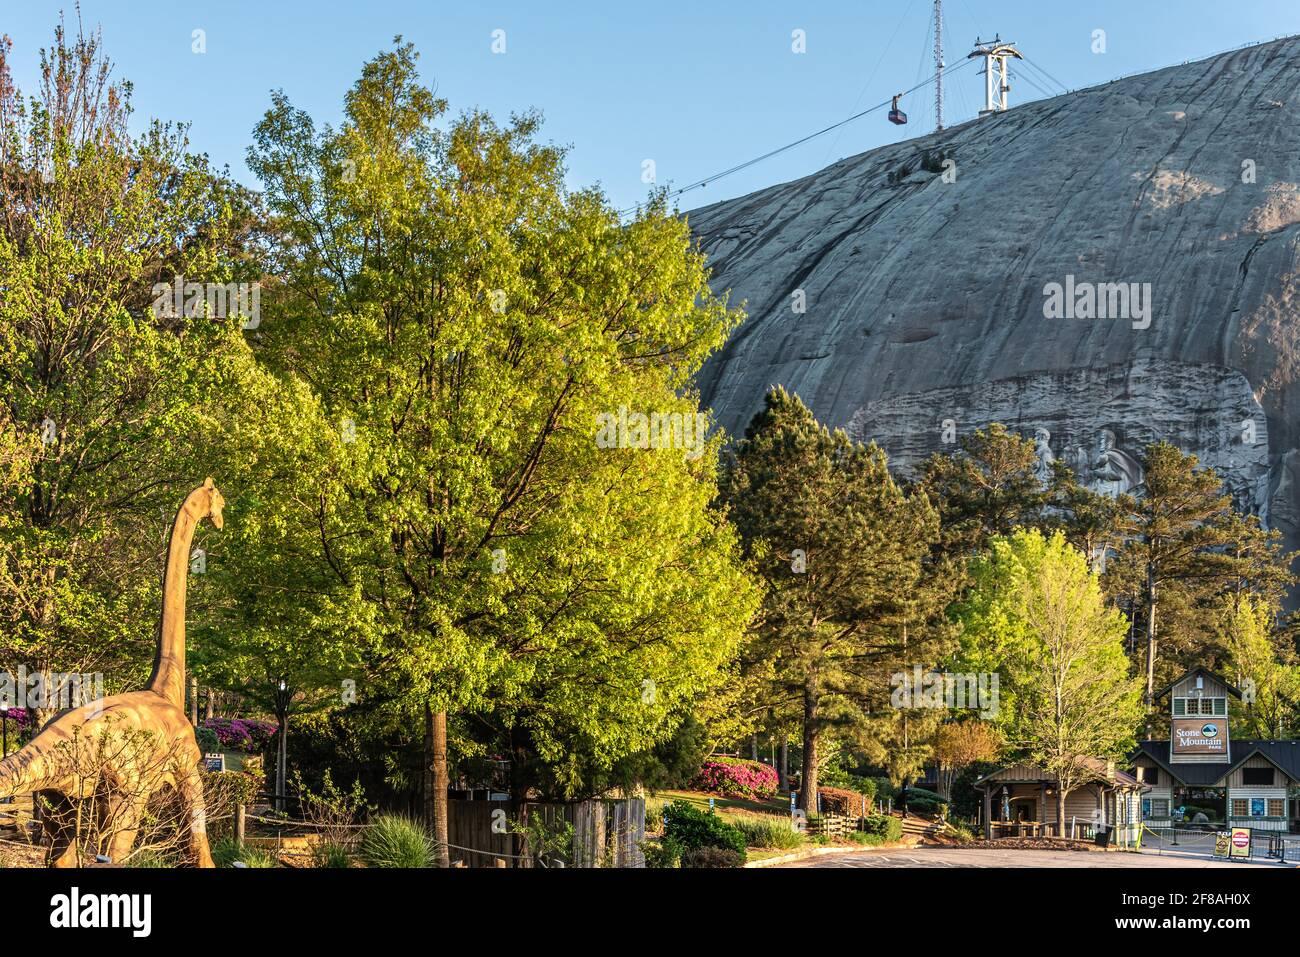 Stone Mountain Park avec Summit SkyRide, attractions Crossroads, Dinotorium et Confederate Memorial Carving à Atlanta, Géorgie. (ÉTATS-UNIS) Banque D'Images